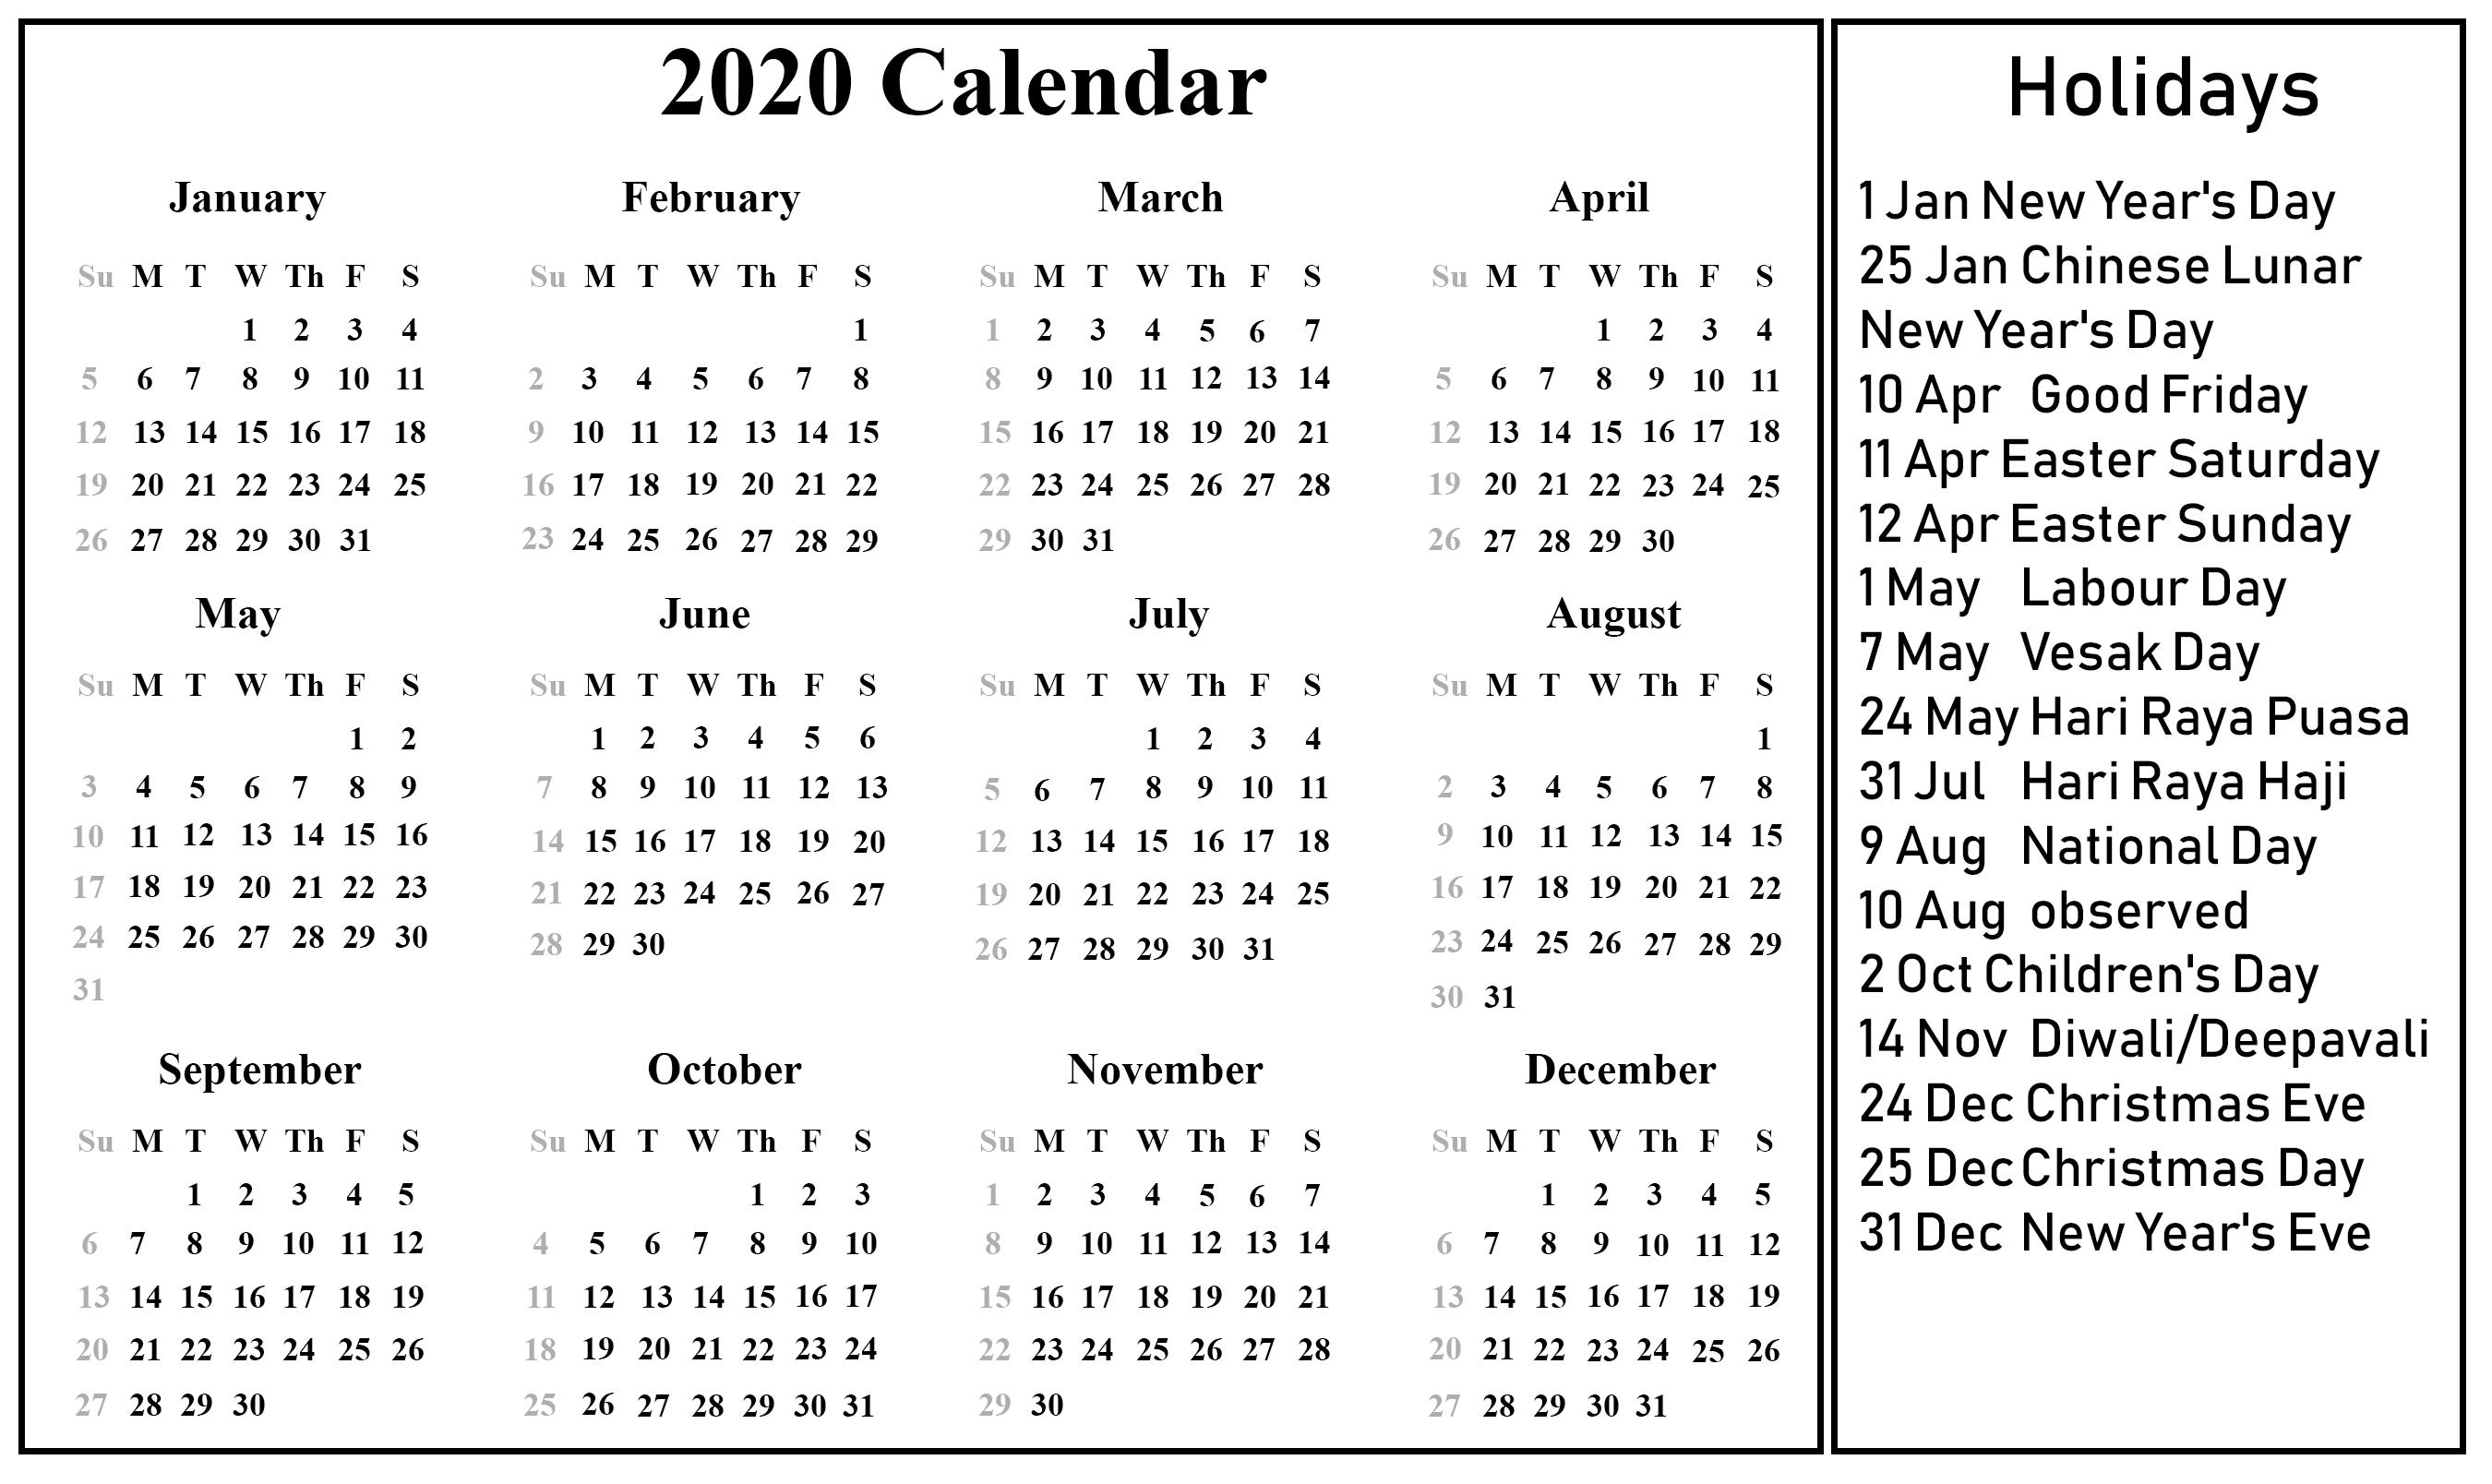 2020 Printable Calendar Holidays Calendar Template 2020 Calendar Holidays Sri Lanka